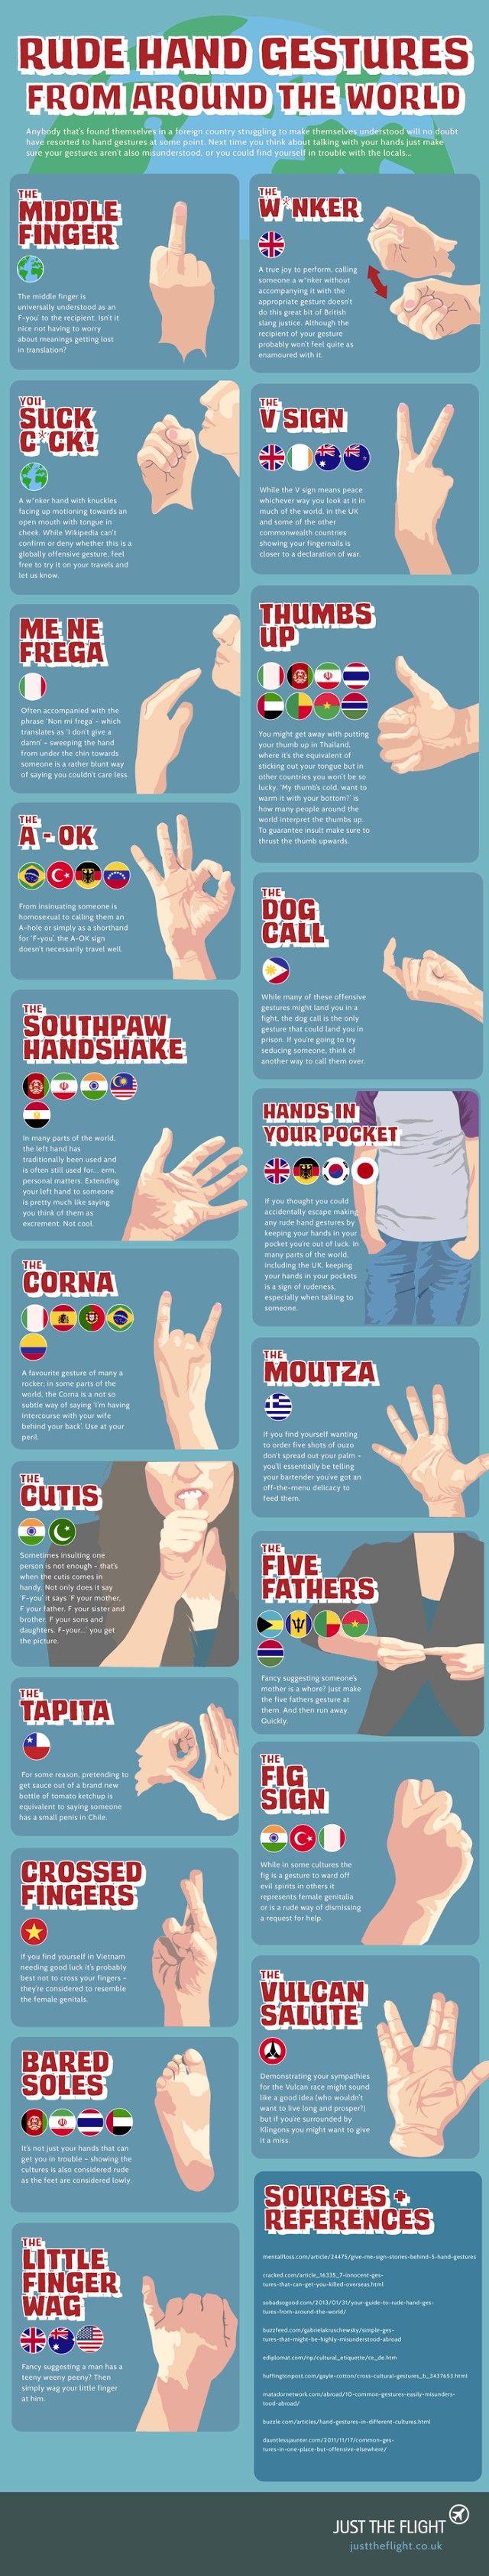 Comment éviter de faire des gestes déplacés à l'étranger ?